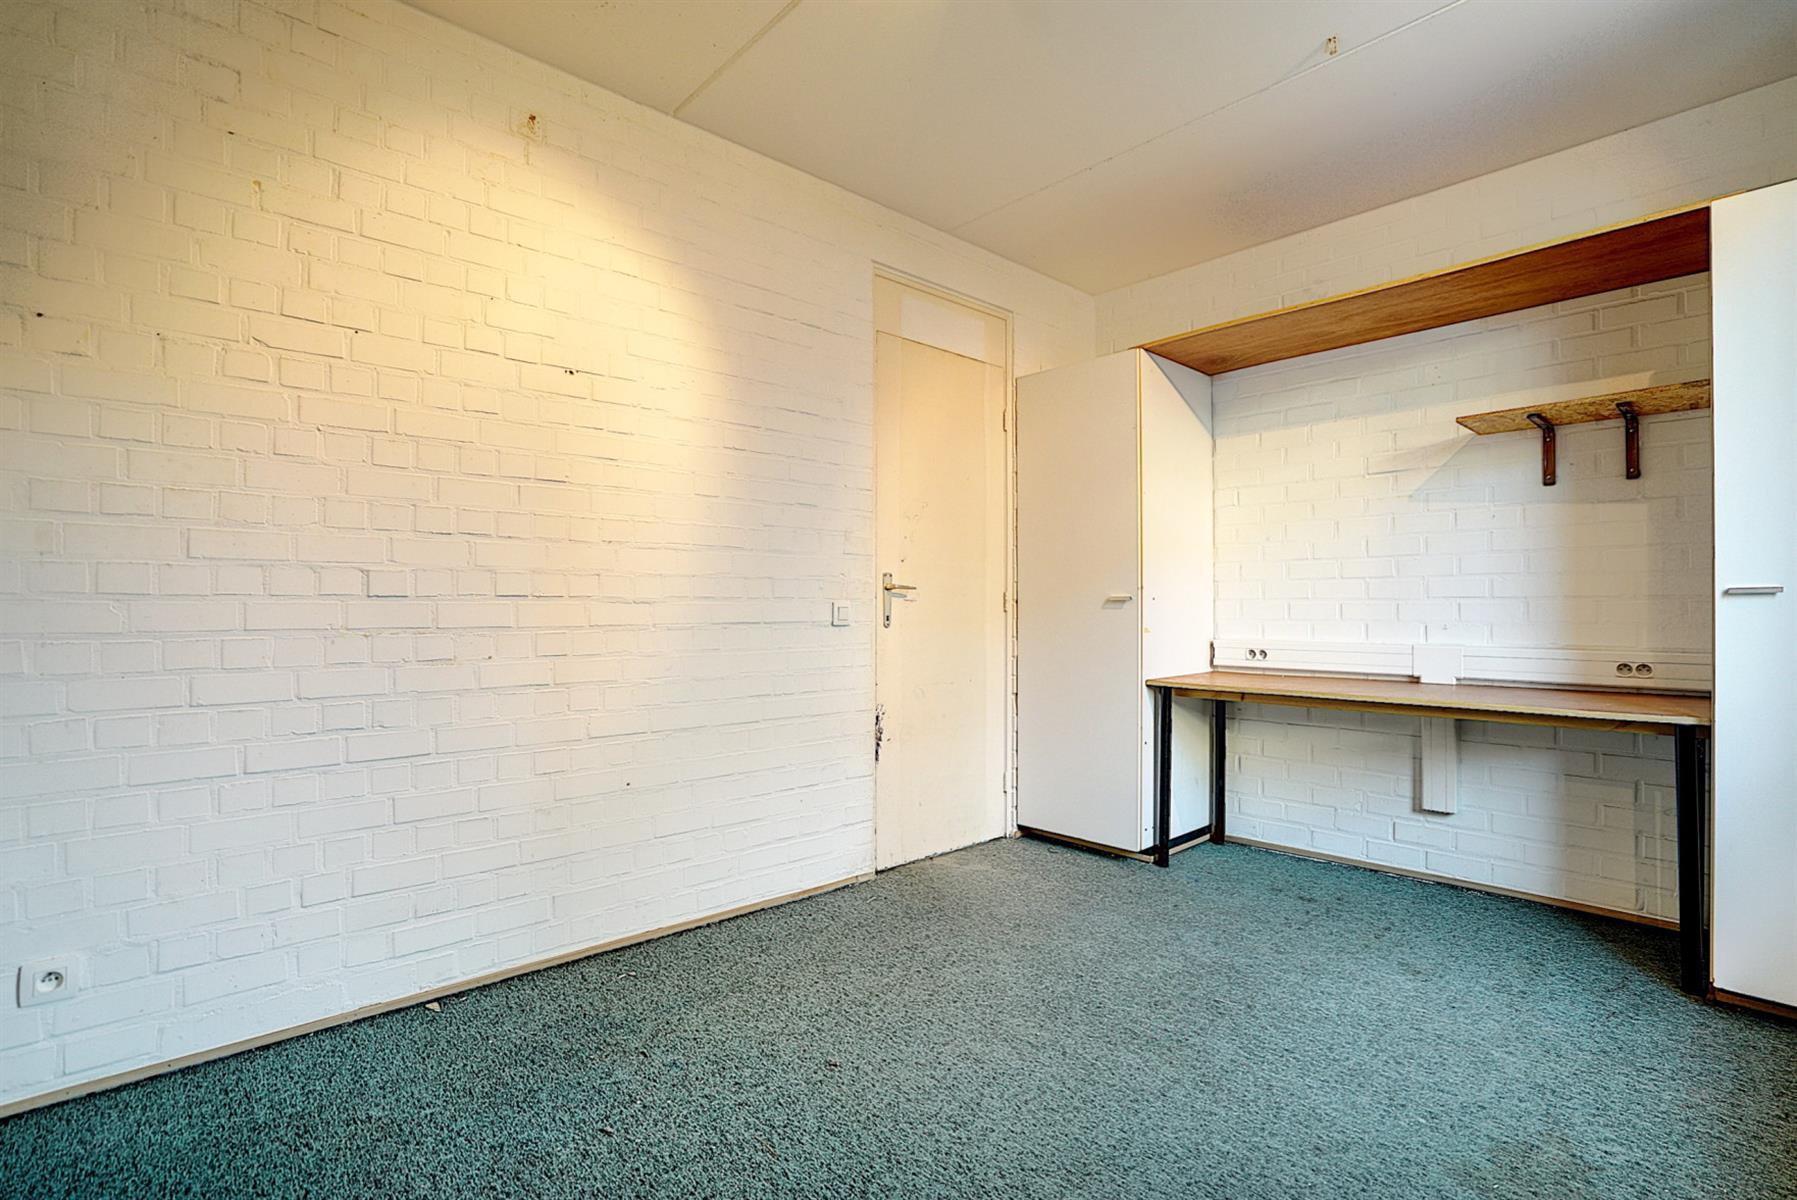 Appartement - Ottignies-Louvain-la-Neuve Louvain-la-Neuve - #4208592-10